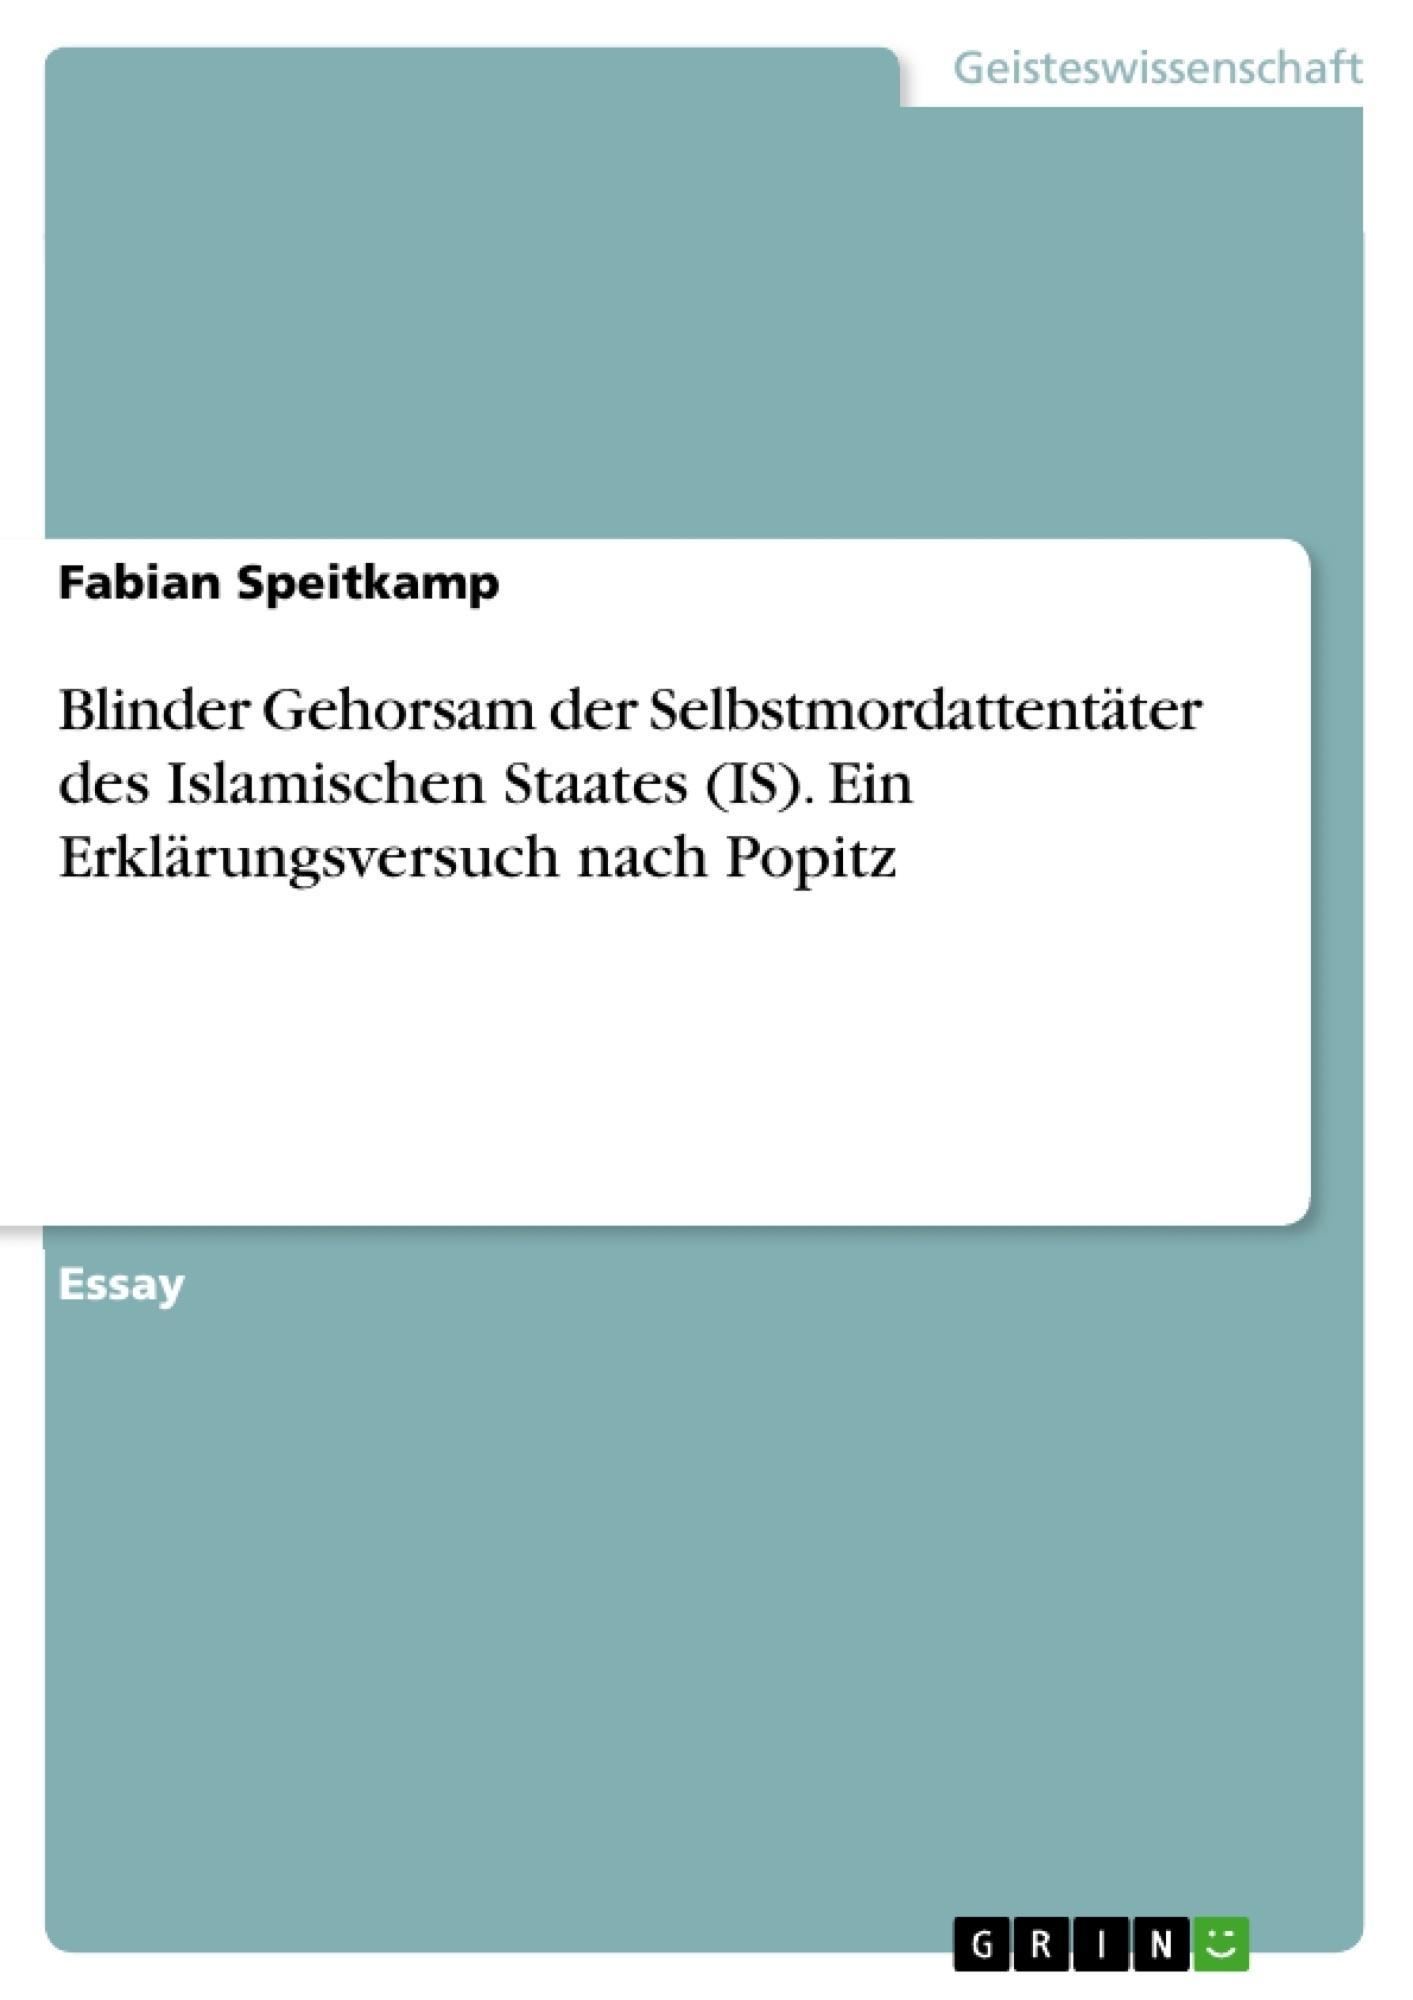 Titel: Blinder Gehorsam der Selbstmordattentäter des Islamischen Staates (IS). Ein Erklärungsversuch nach Popitz